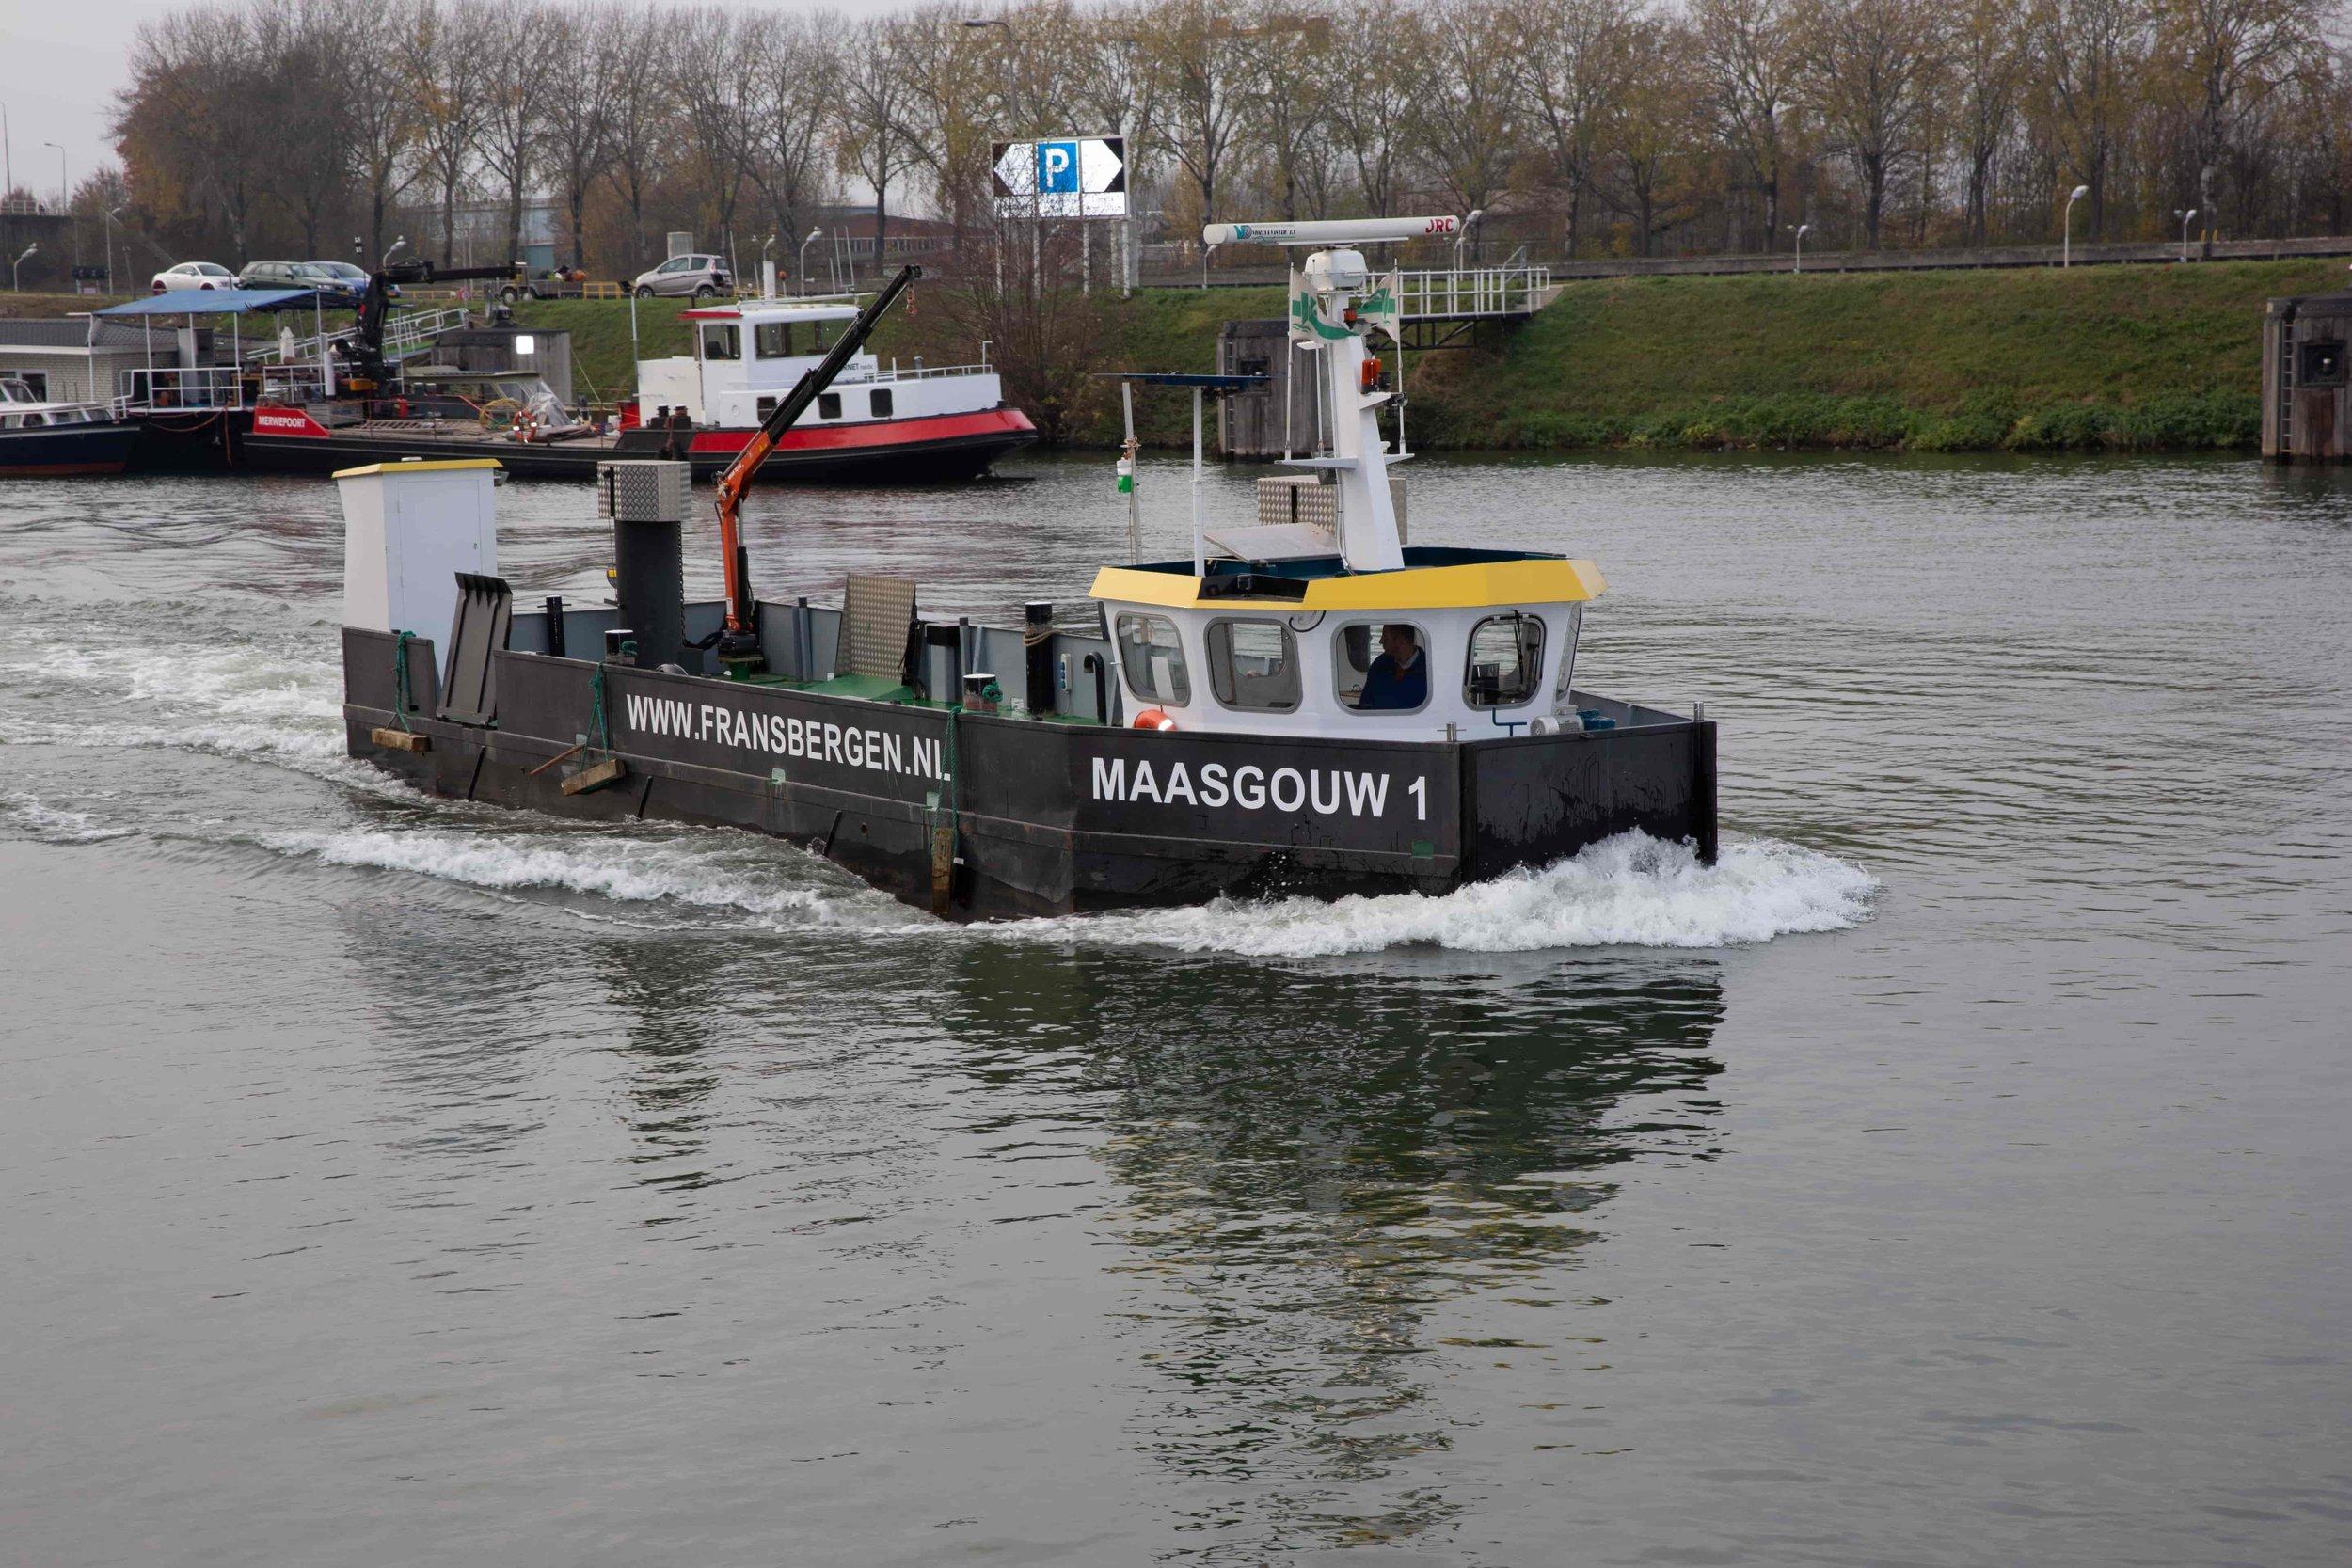 Maasgouw1-4-min.jpg